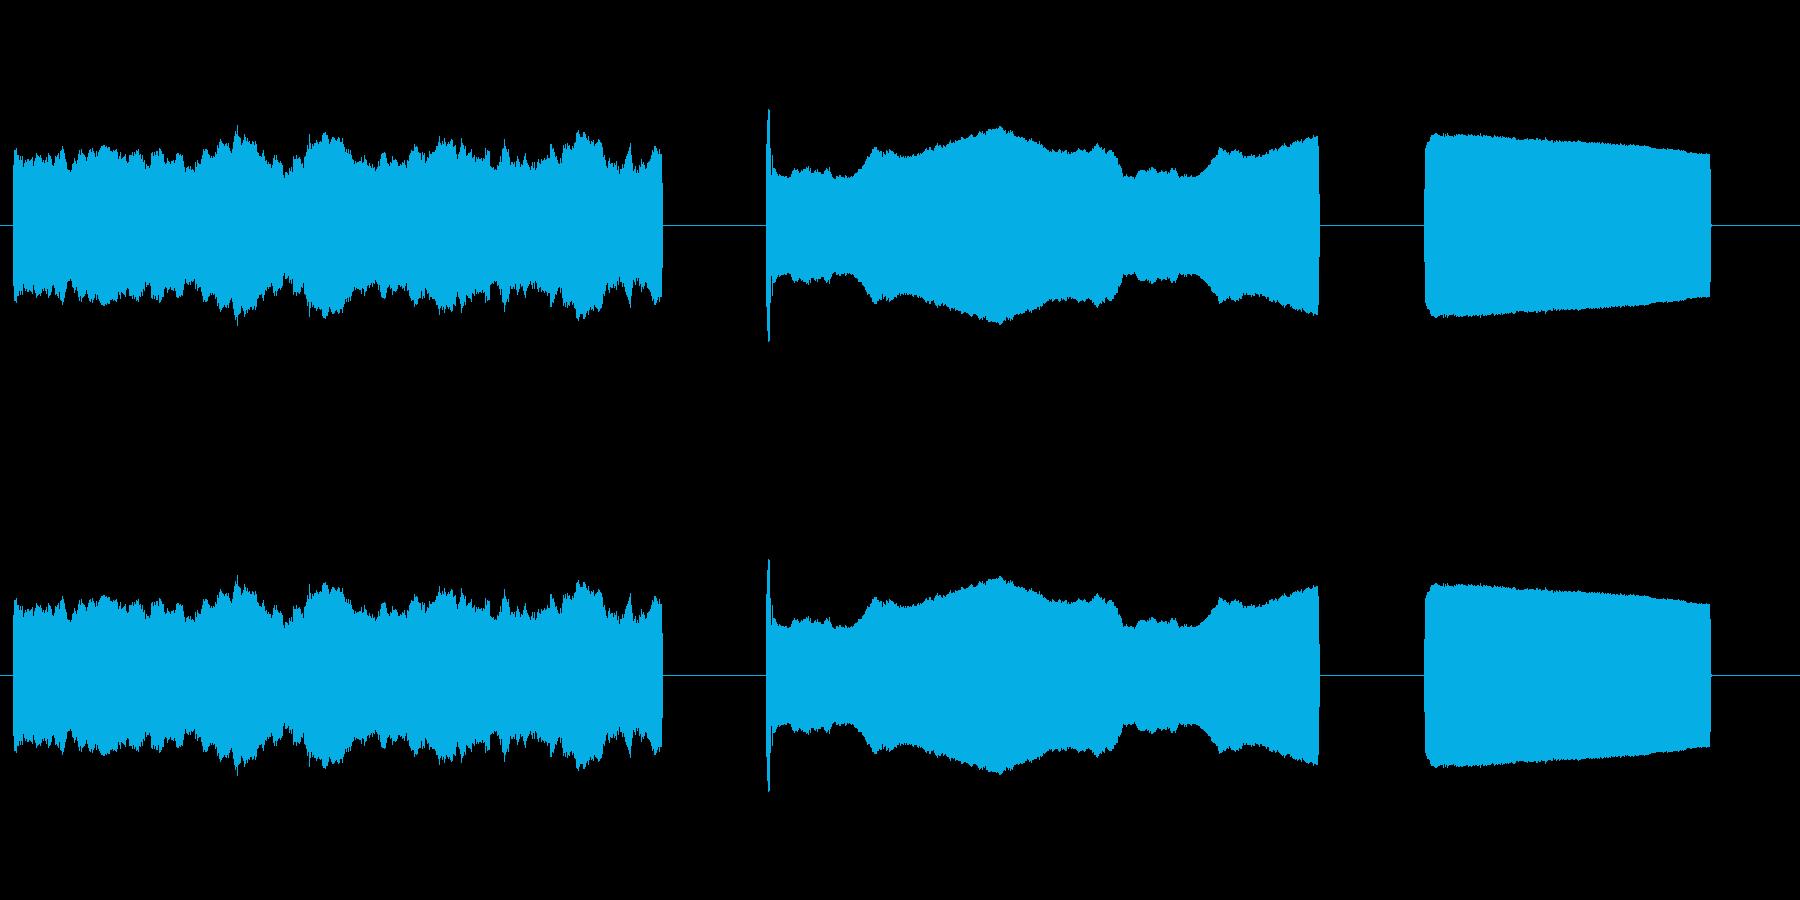 レーザービーム大型レーザービーム_...の再生済みの波形